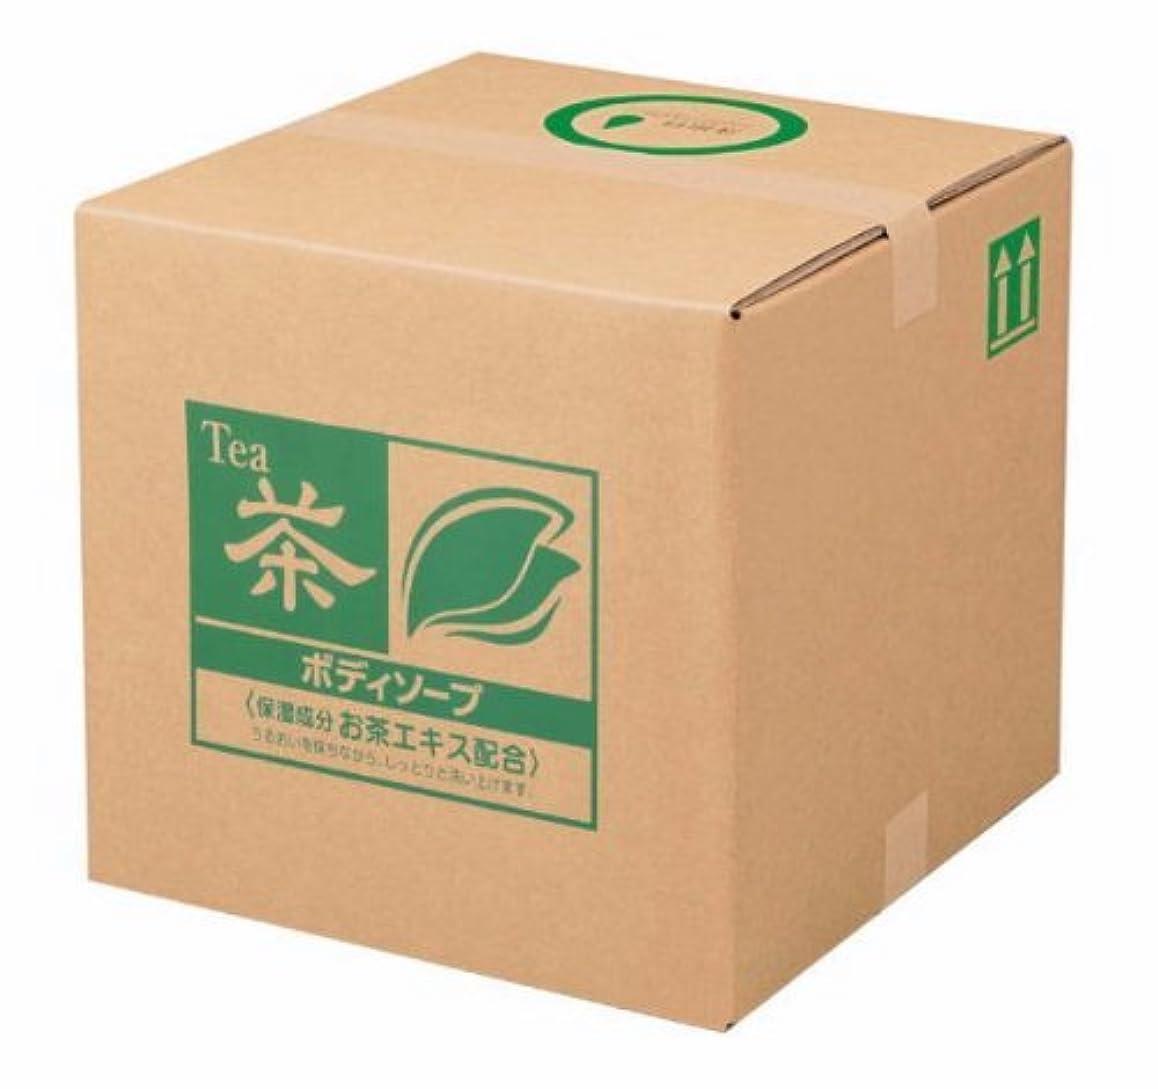 チャート強風雑品熊野油脂 業務用 SCRITT(スクリット) お茶ボディソープ 18L